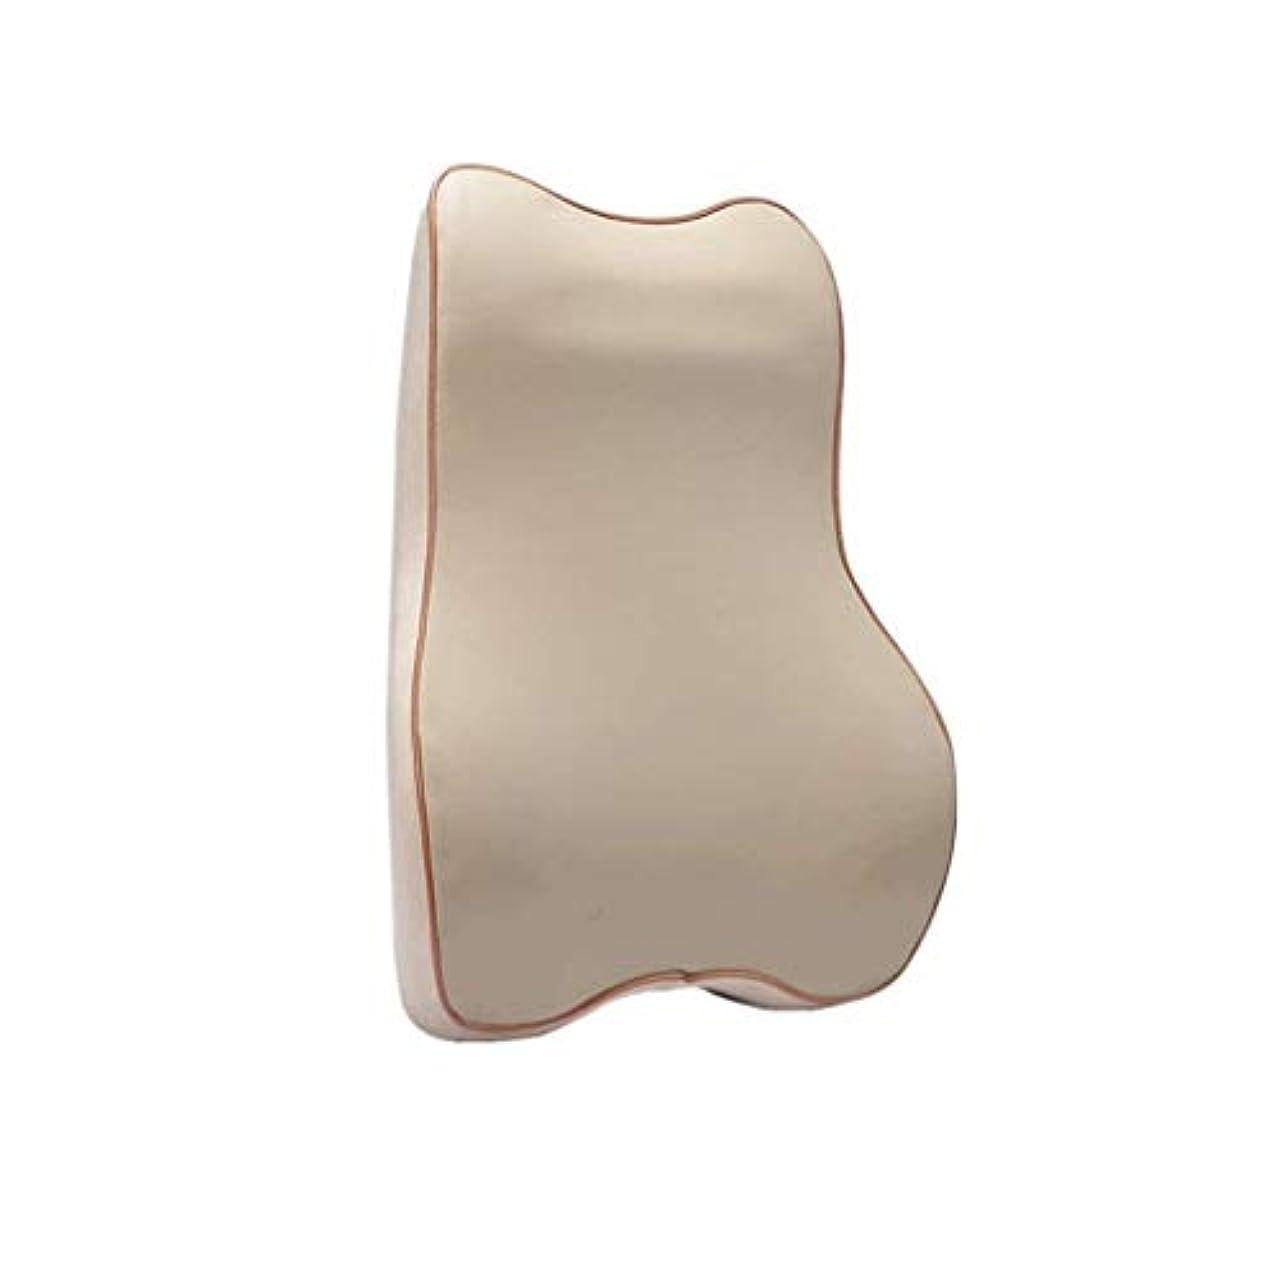 フック宣言する階層腰椎枕 - 姿勢療法ウエストクッション - 低反発フォーム、人間工学に基づいたオフィスチェア車とトラベルバックサポート枕を使用して、上下の腰痛を緩和し、予防します (Color : Beige)